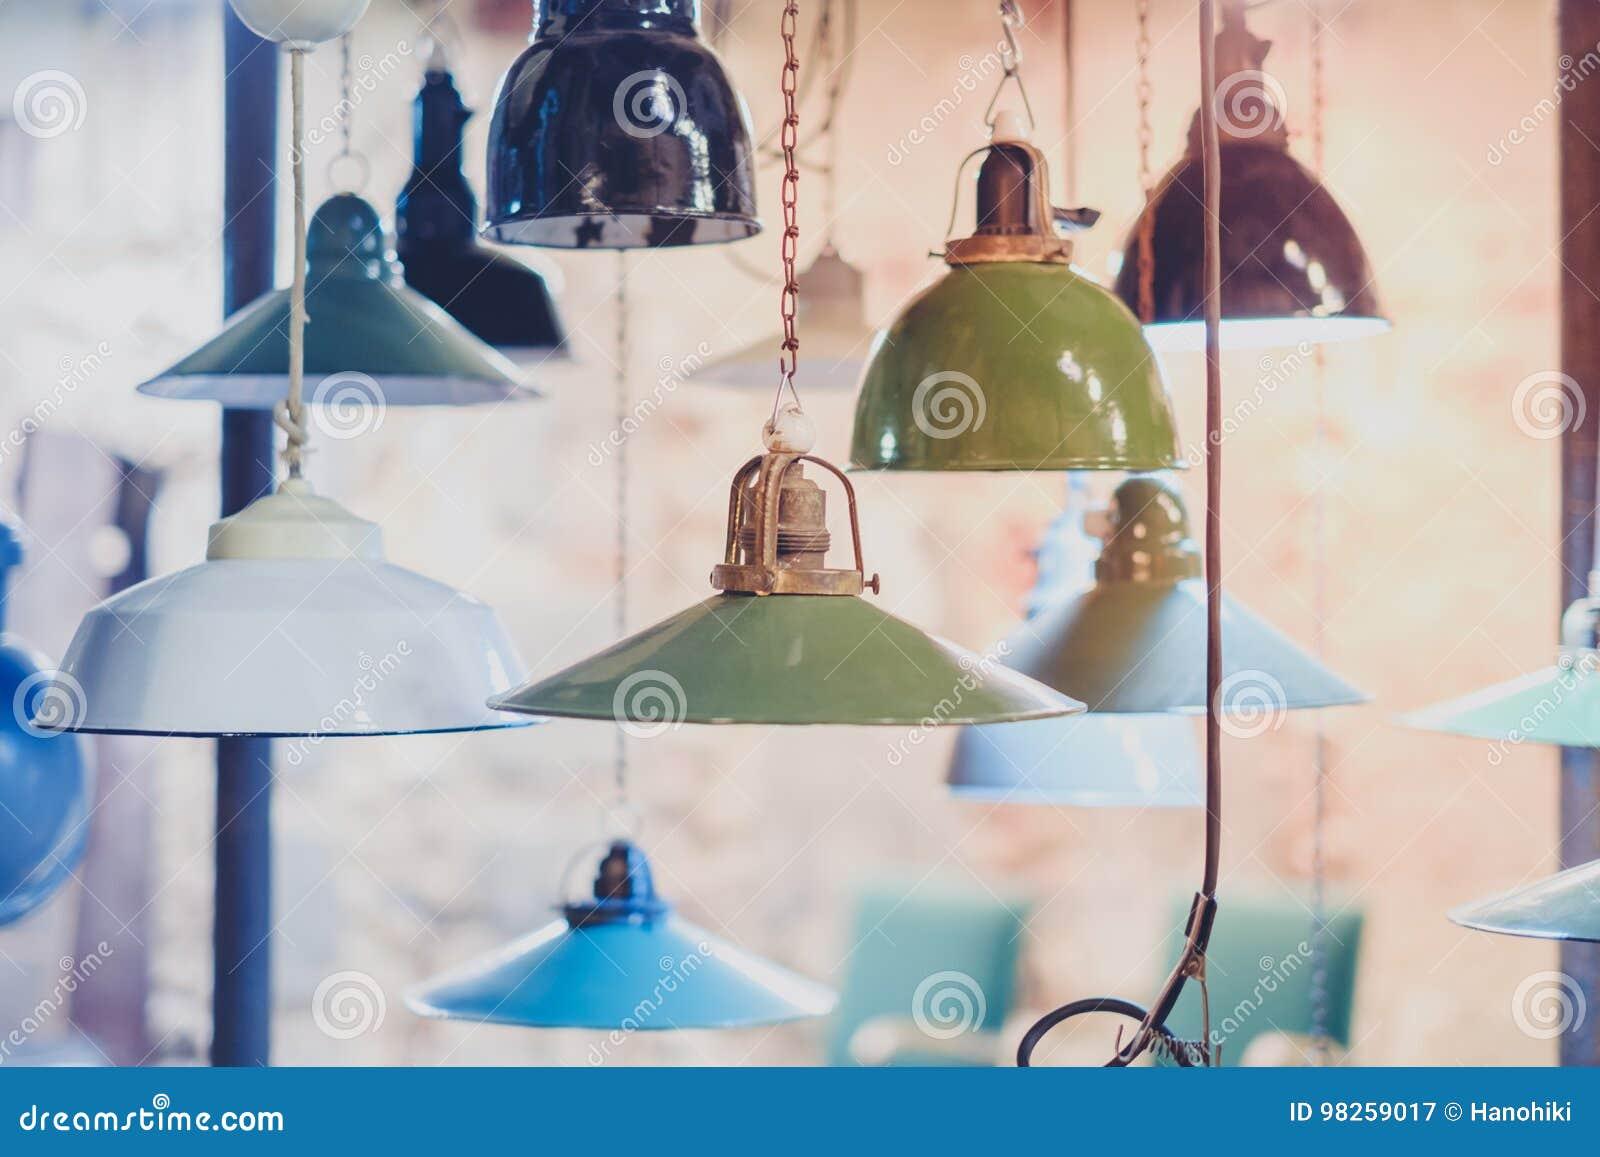 Gruppo di luci dannata che appendono lampade industriali immagine